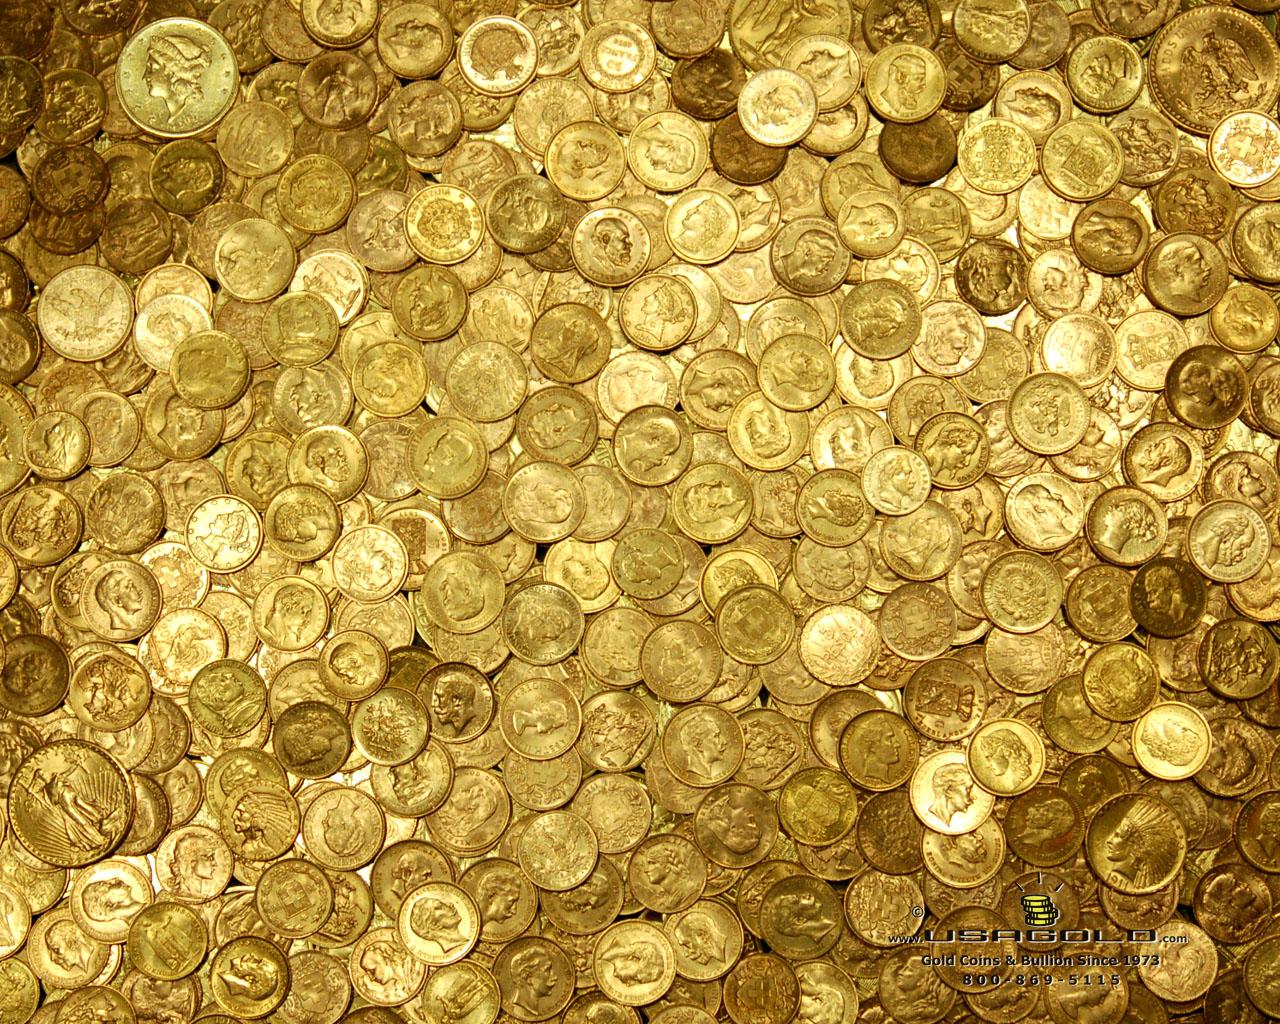 Ενεχυροδανειστήρια μαρουσι , αγορα χρυσου βορεια προαστεια , αγορα νομισματων βορεια προαστια